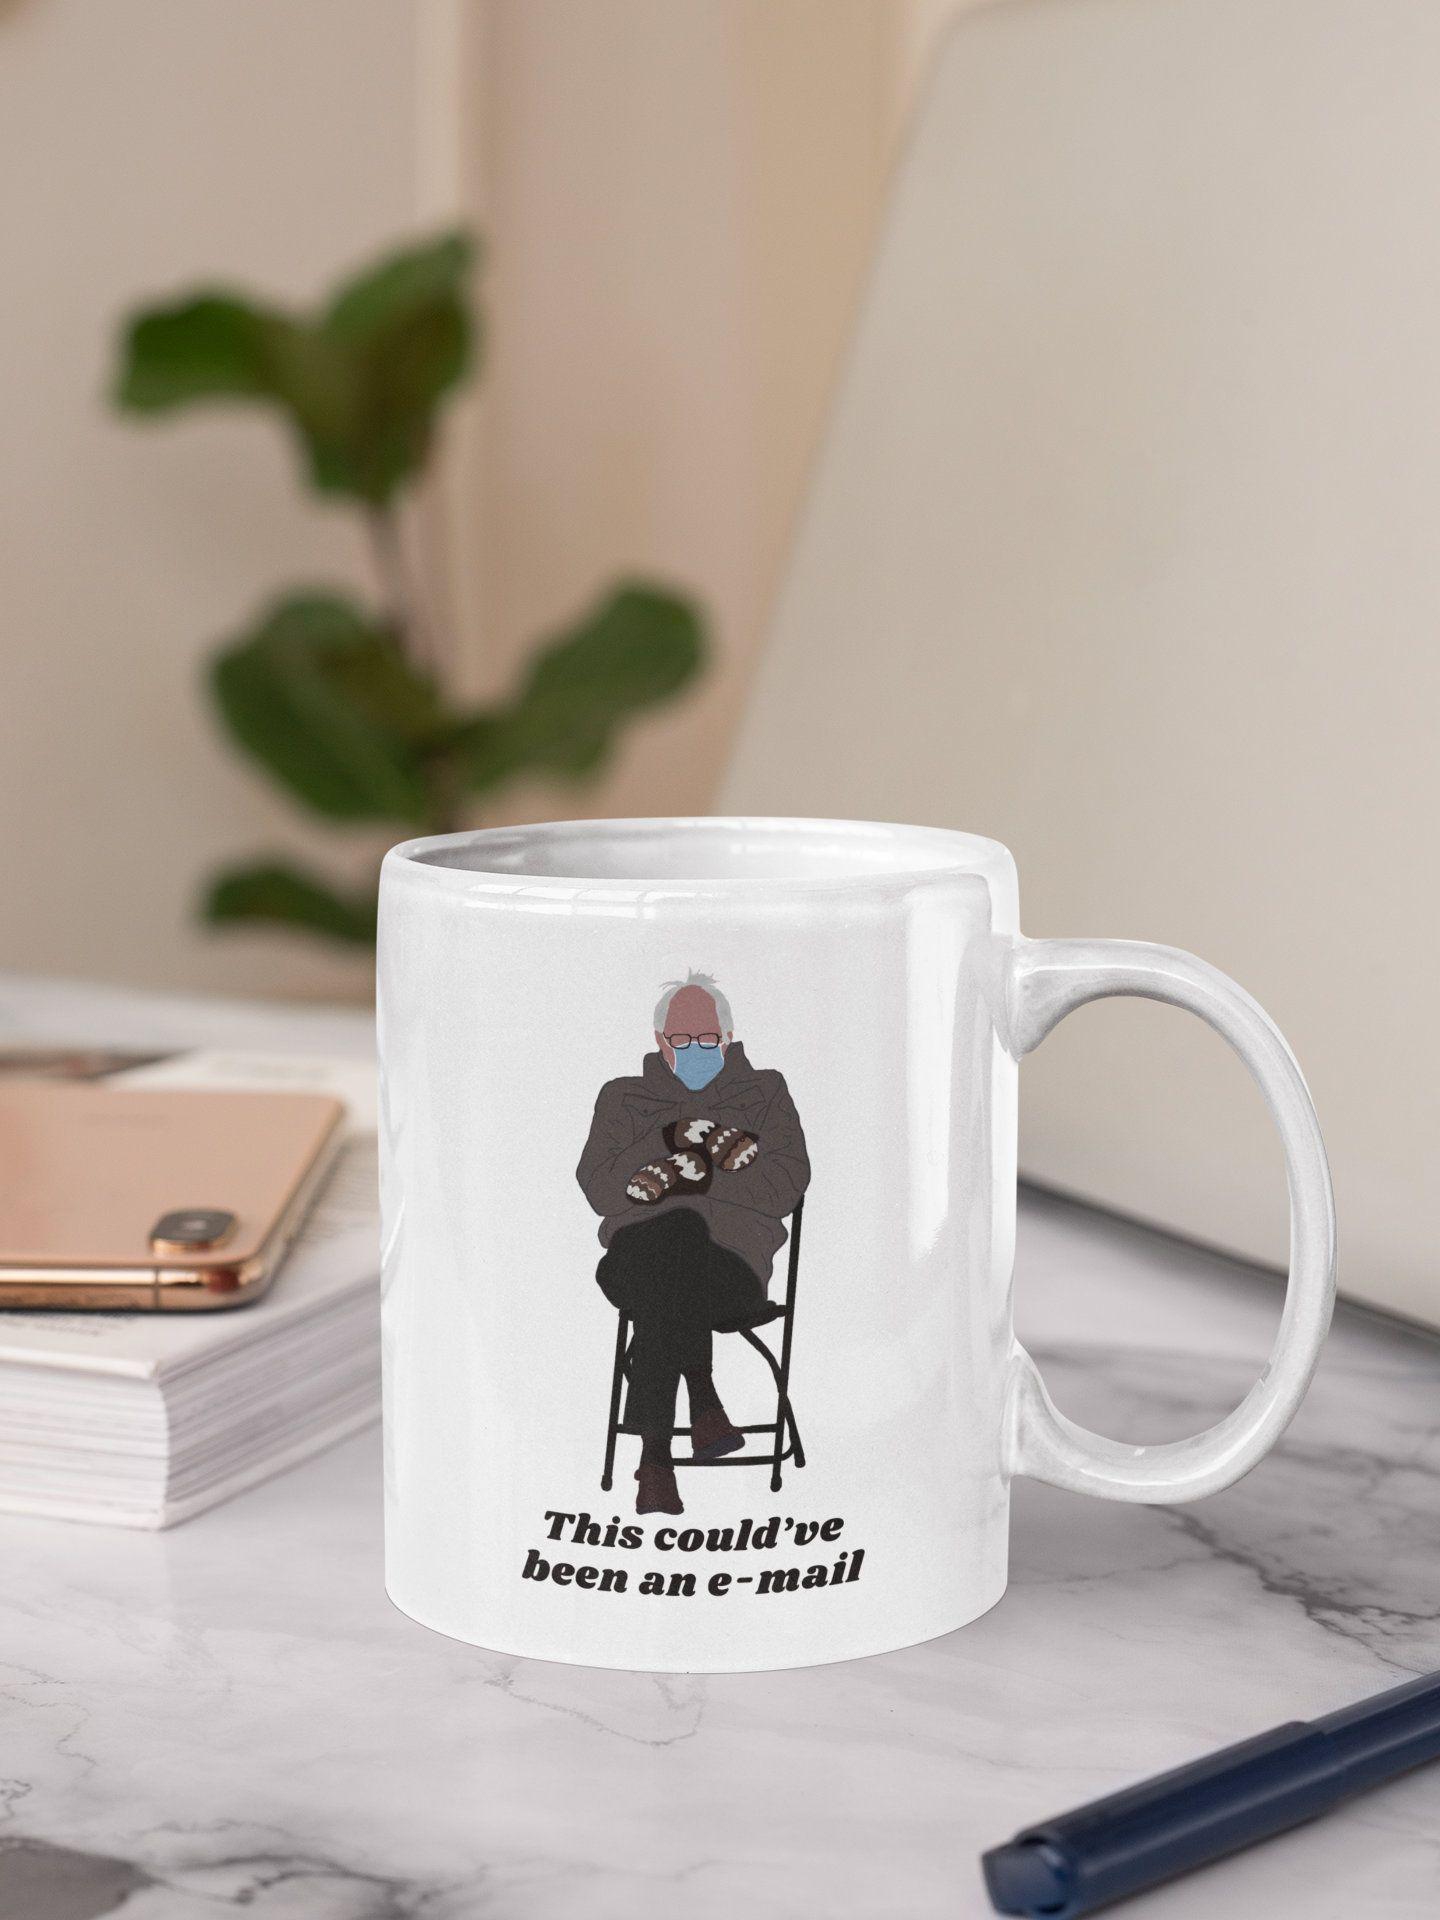 Bernie Sanders Gift Ideas Inaugurationmeme Berniemittens Coffeemugs Berniesanders Meme Gift Mood In 2021 Personalized Starbucks Cup Disney Accessories Gifts